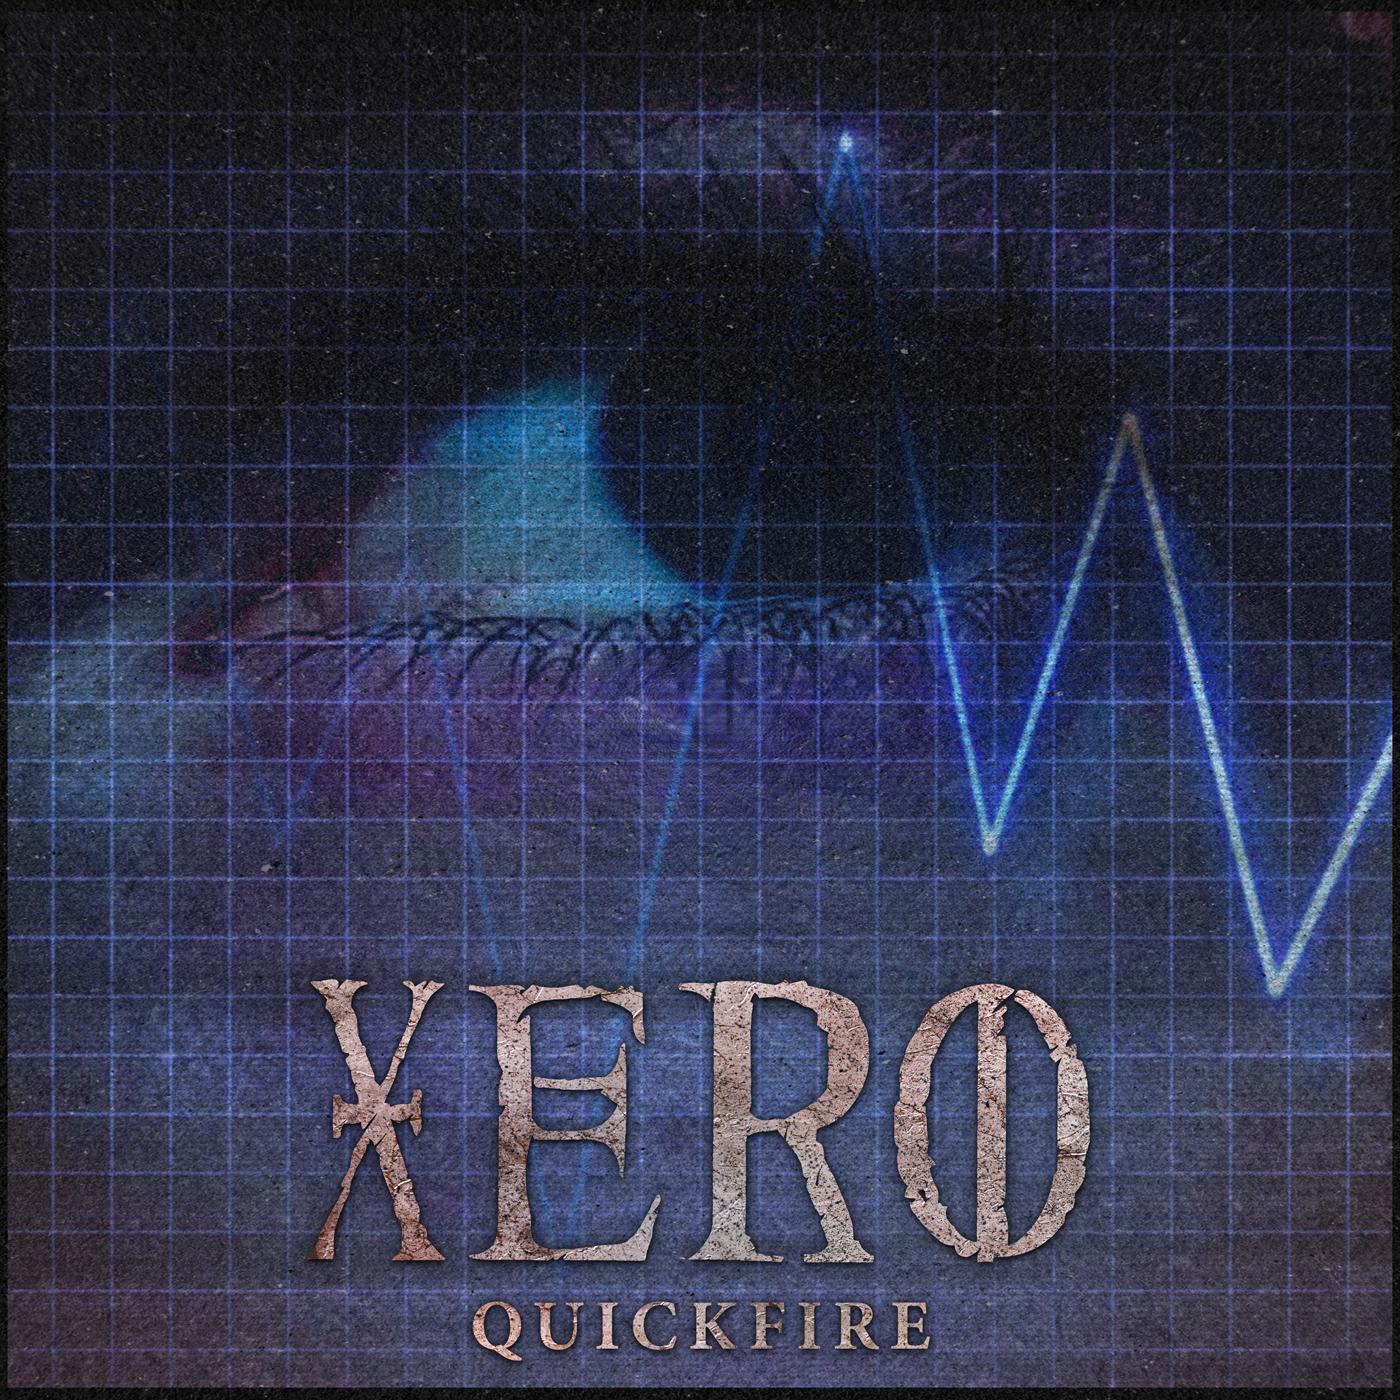 Xero - Quickfire